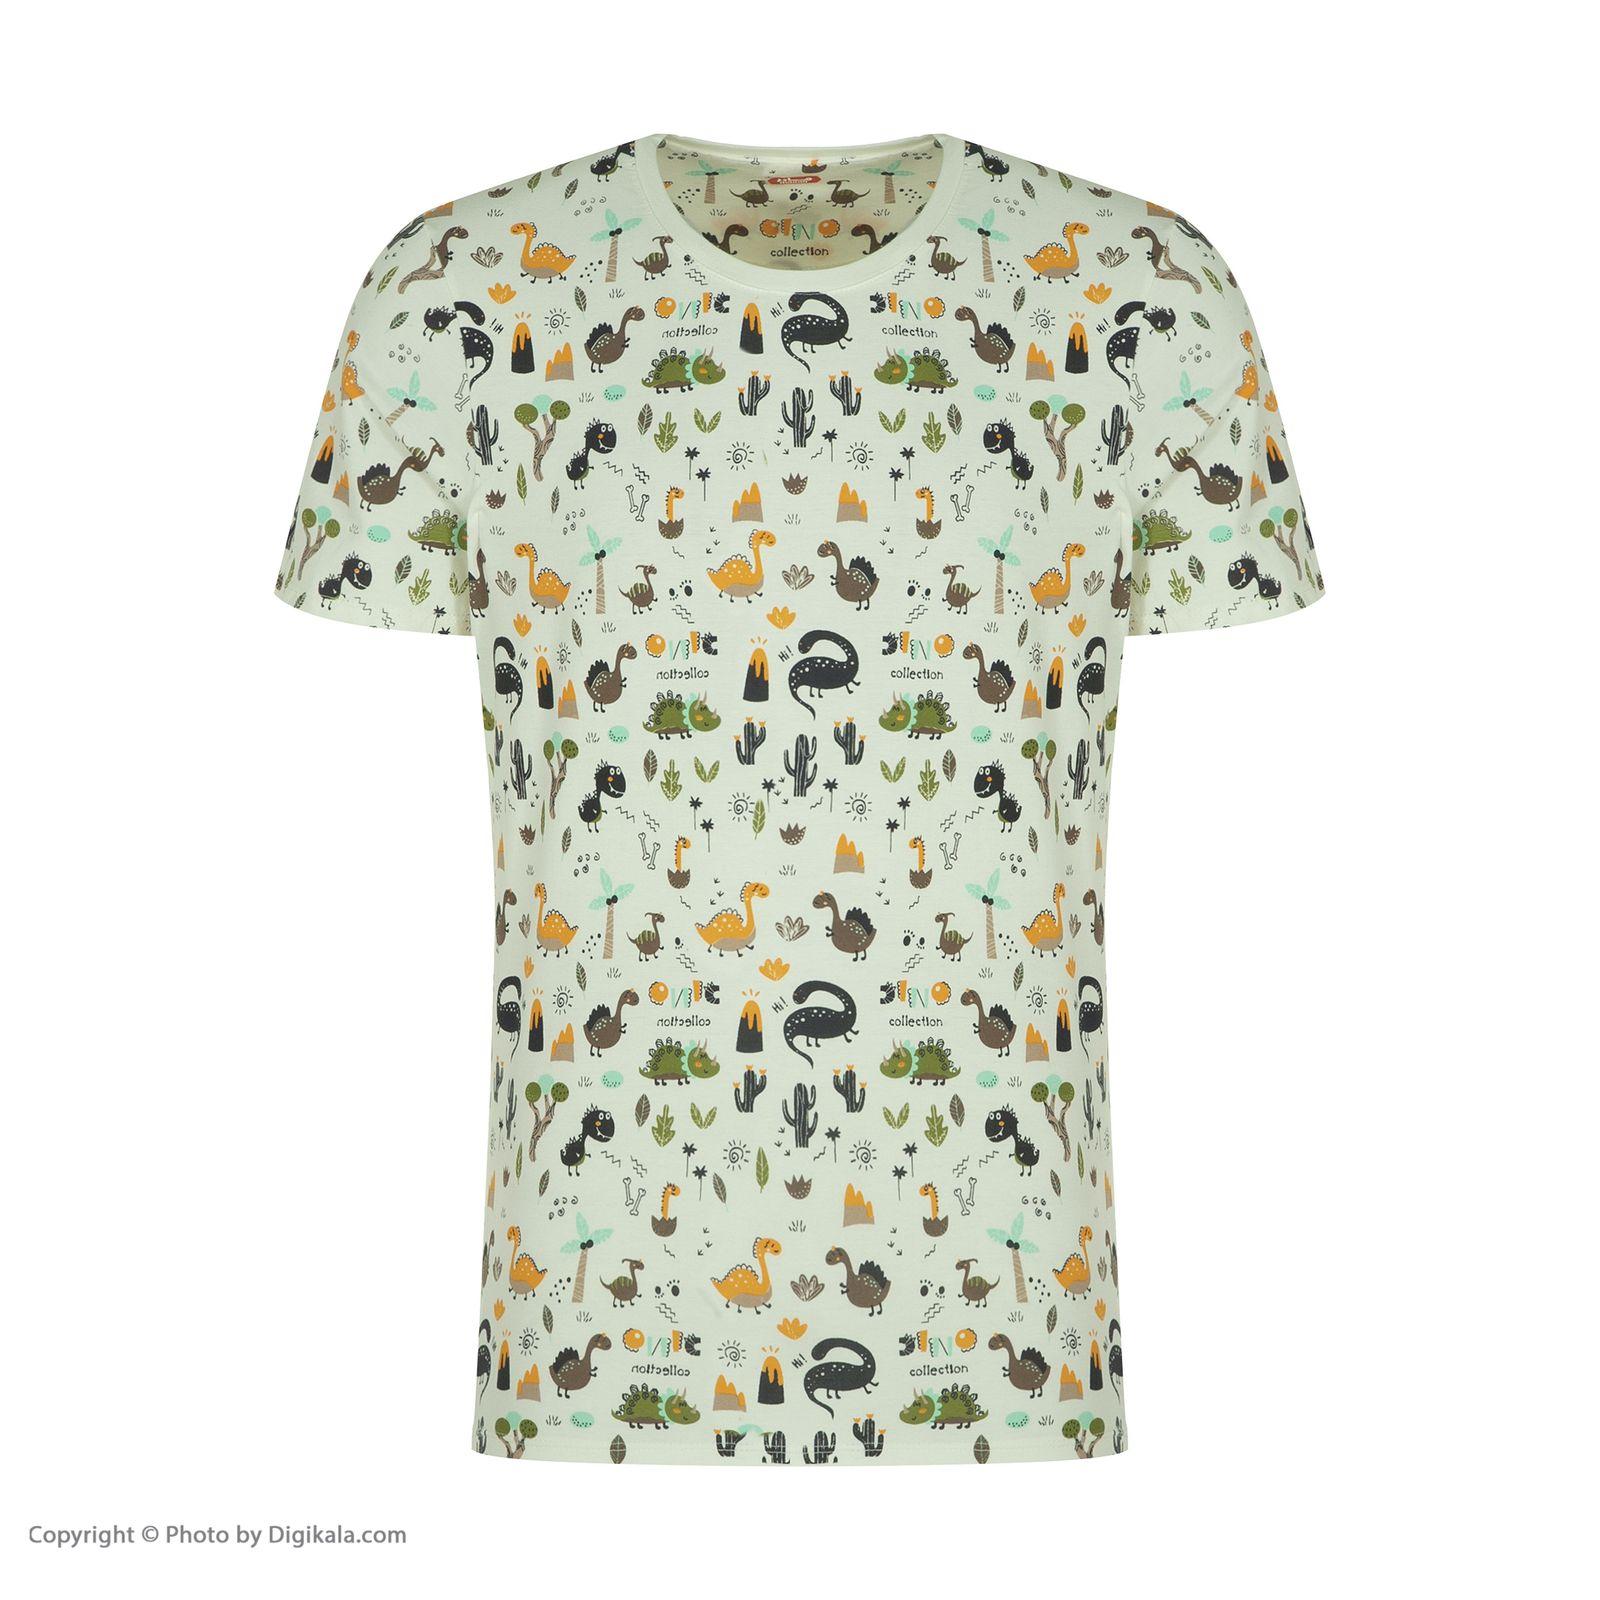 ست تی شرت و شلوارک راحتی مردانه مادر مدل 2041110-74 -  - 4